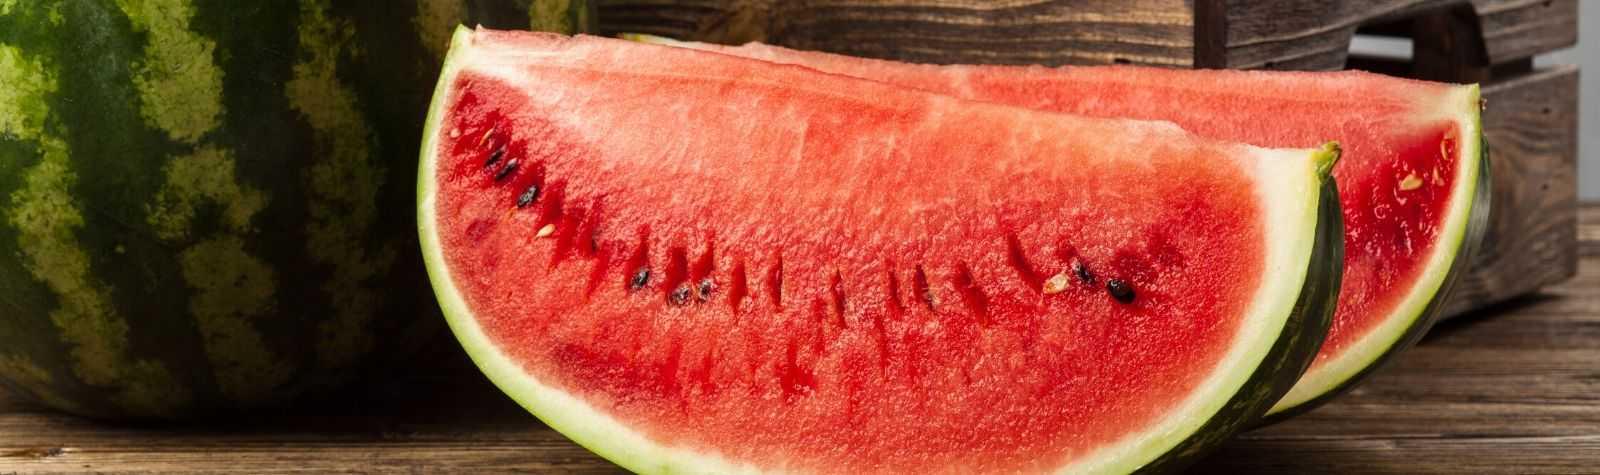 Beneficios nutricionales del melón y la sandía